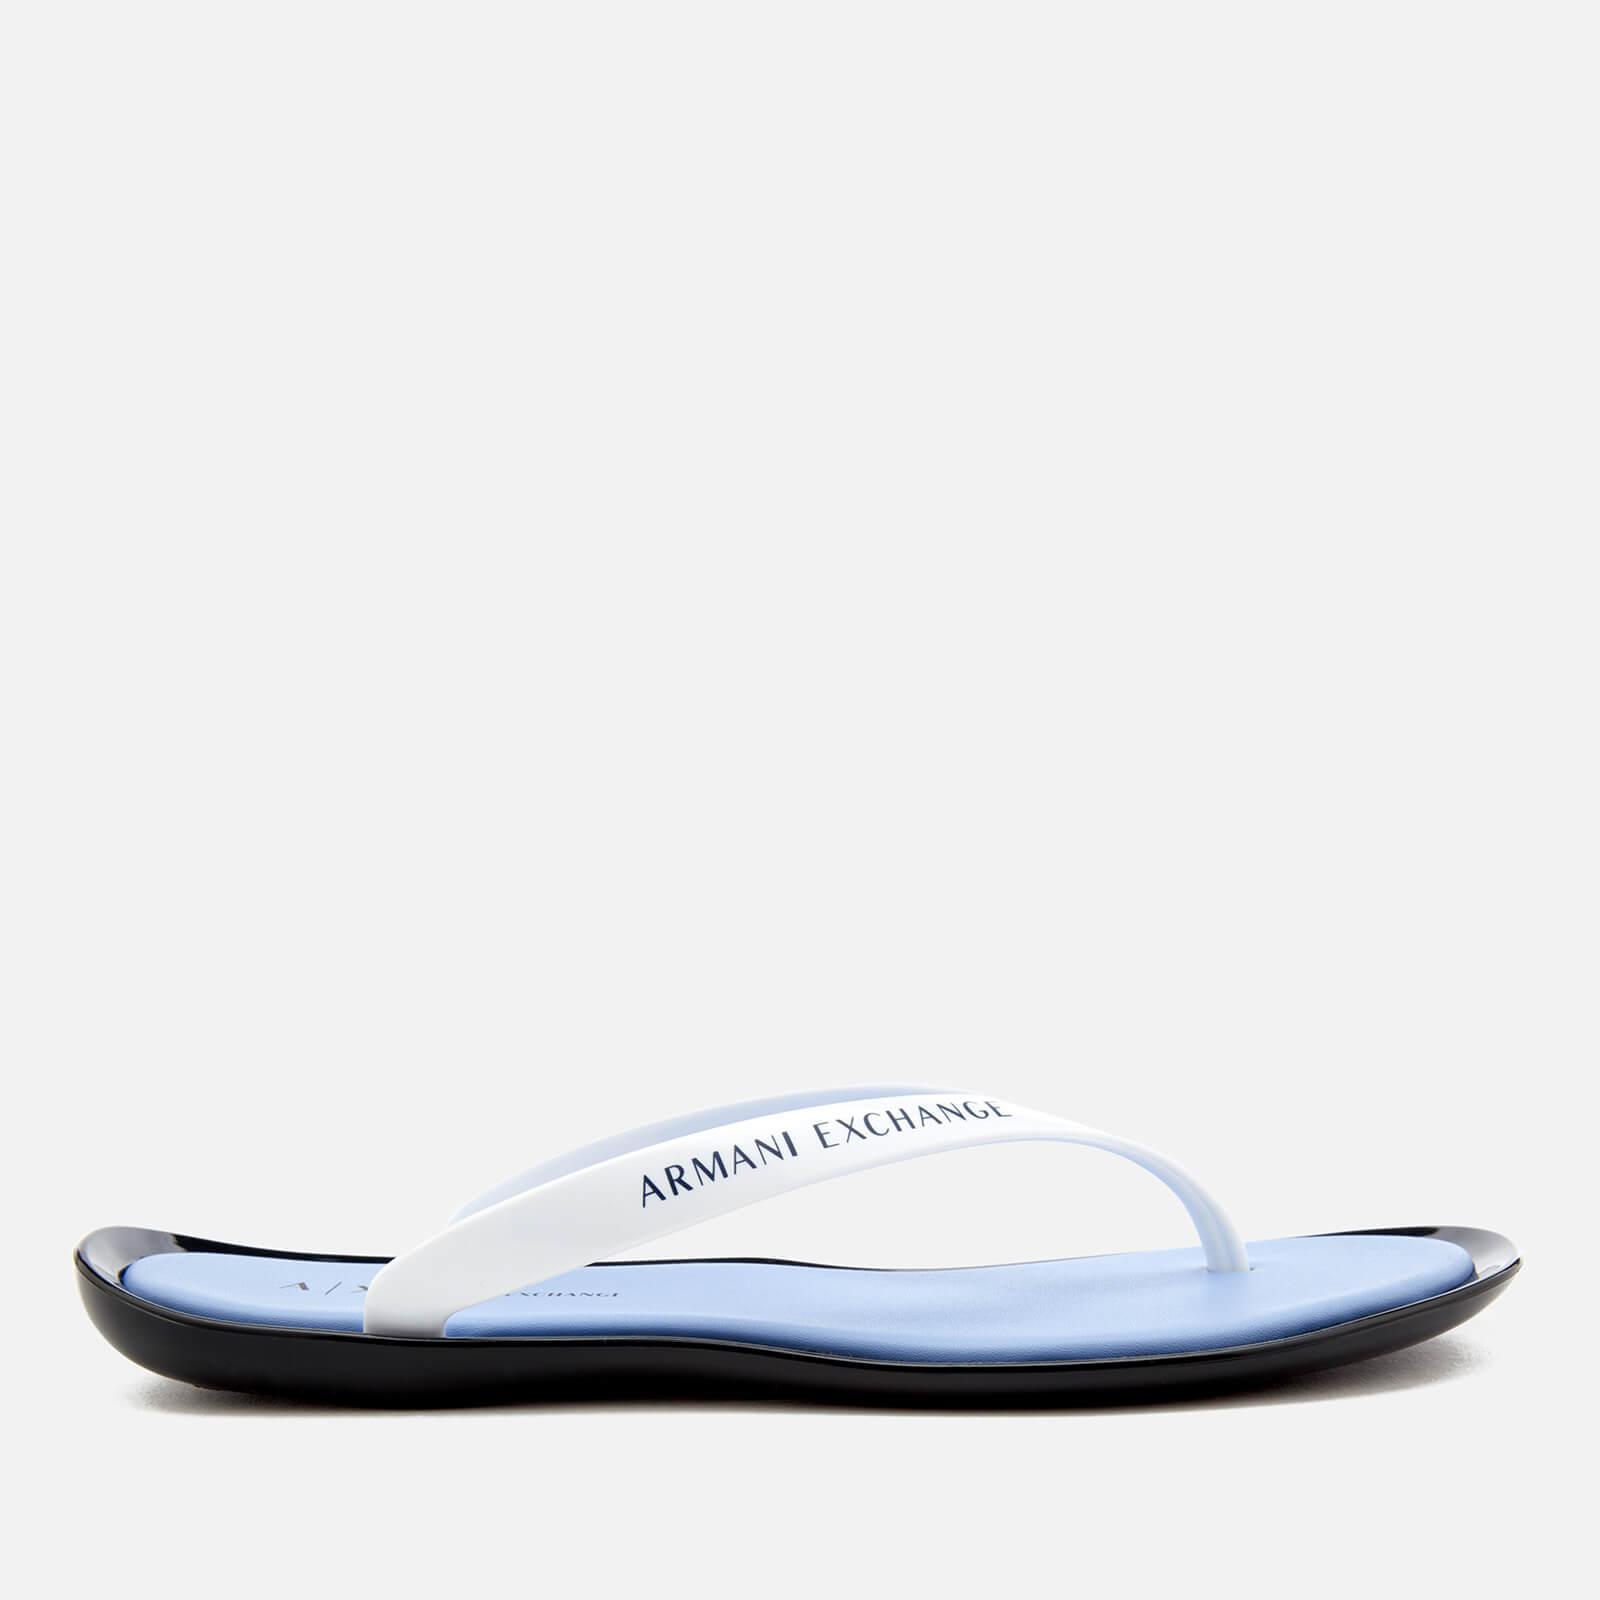 314d883c68f0 Armani Exchange - White Pvc Flip Flops - Lyst. View fullscreen